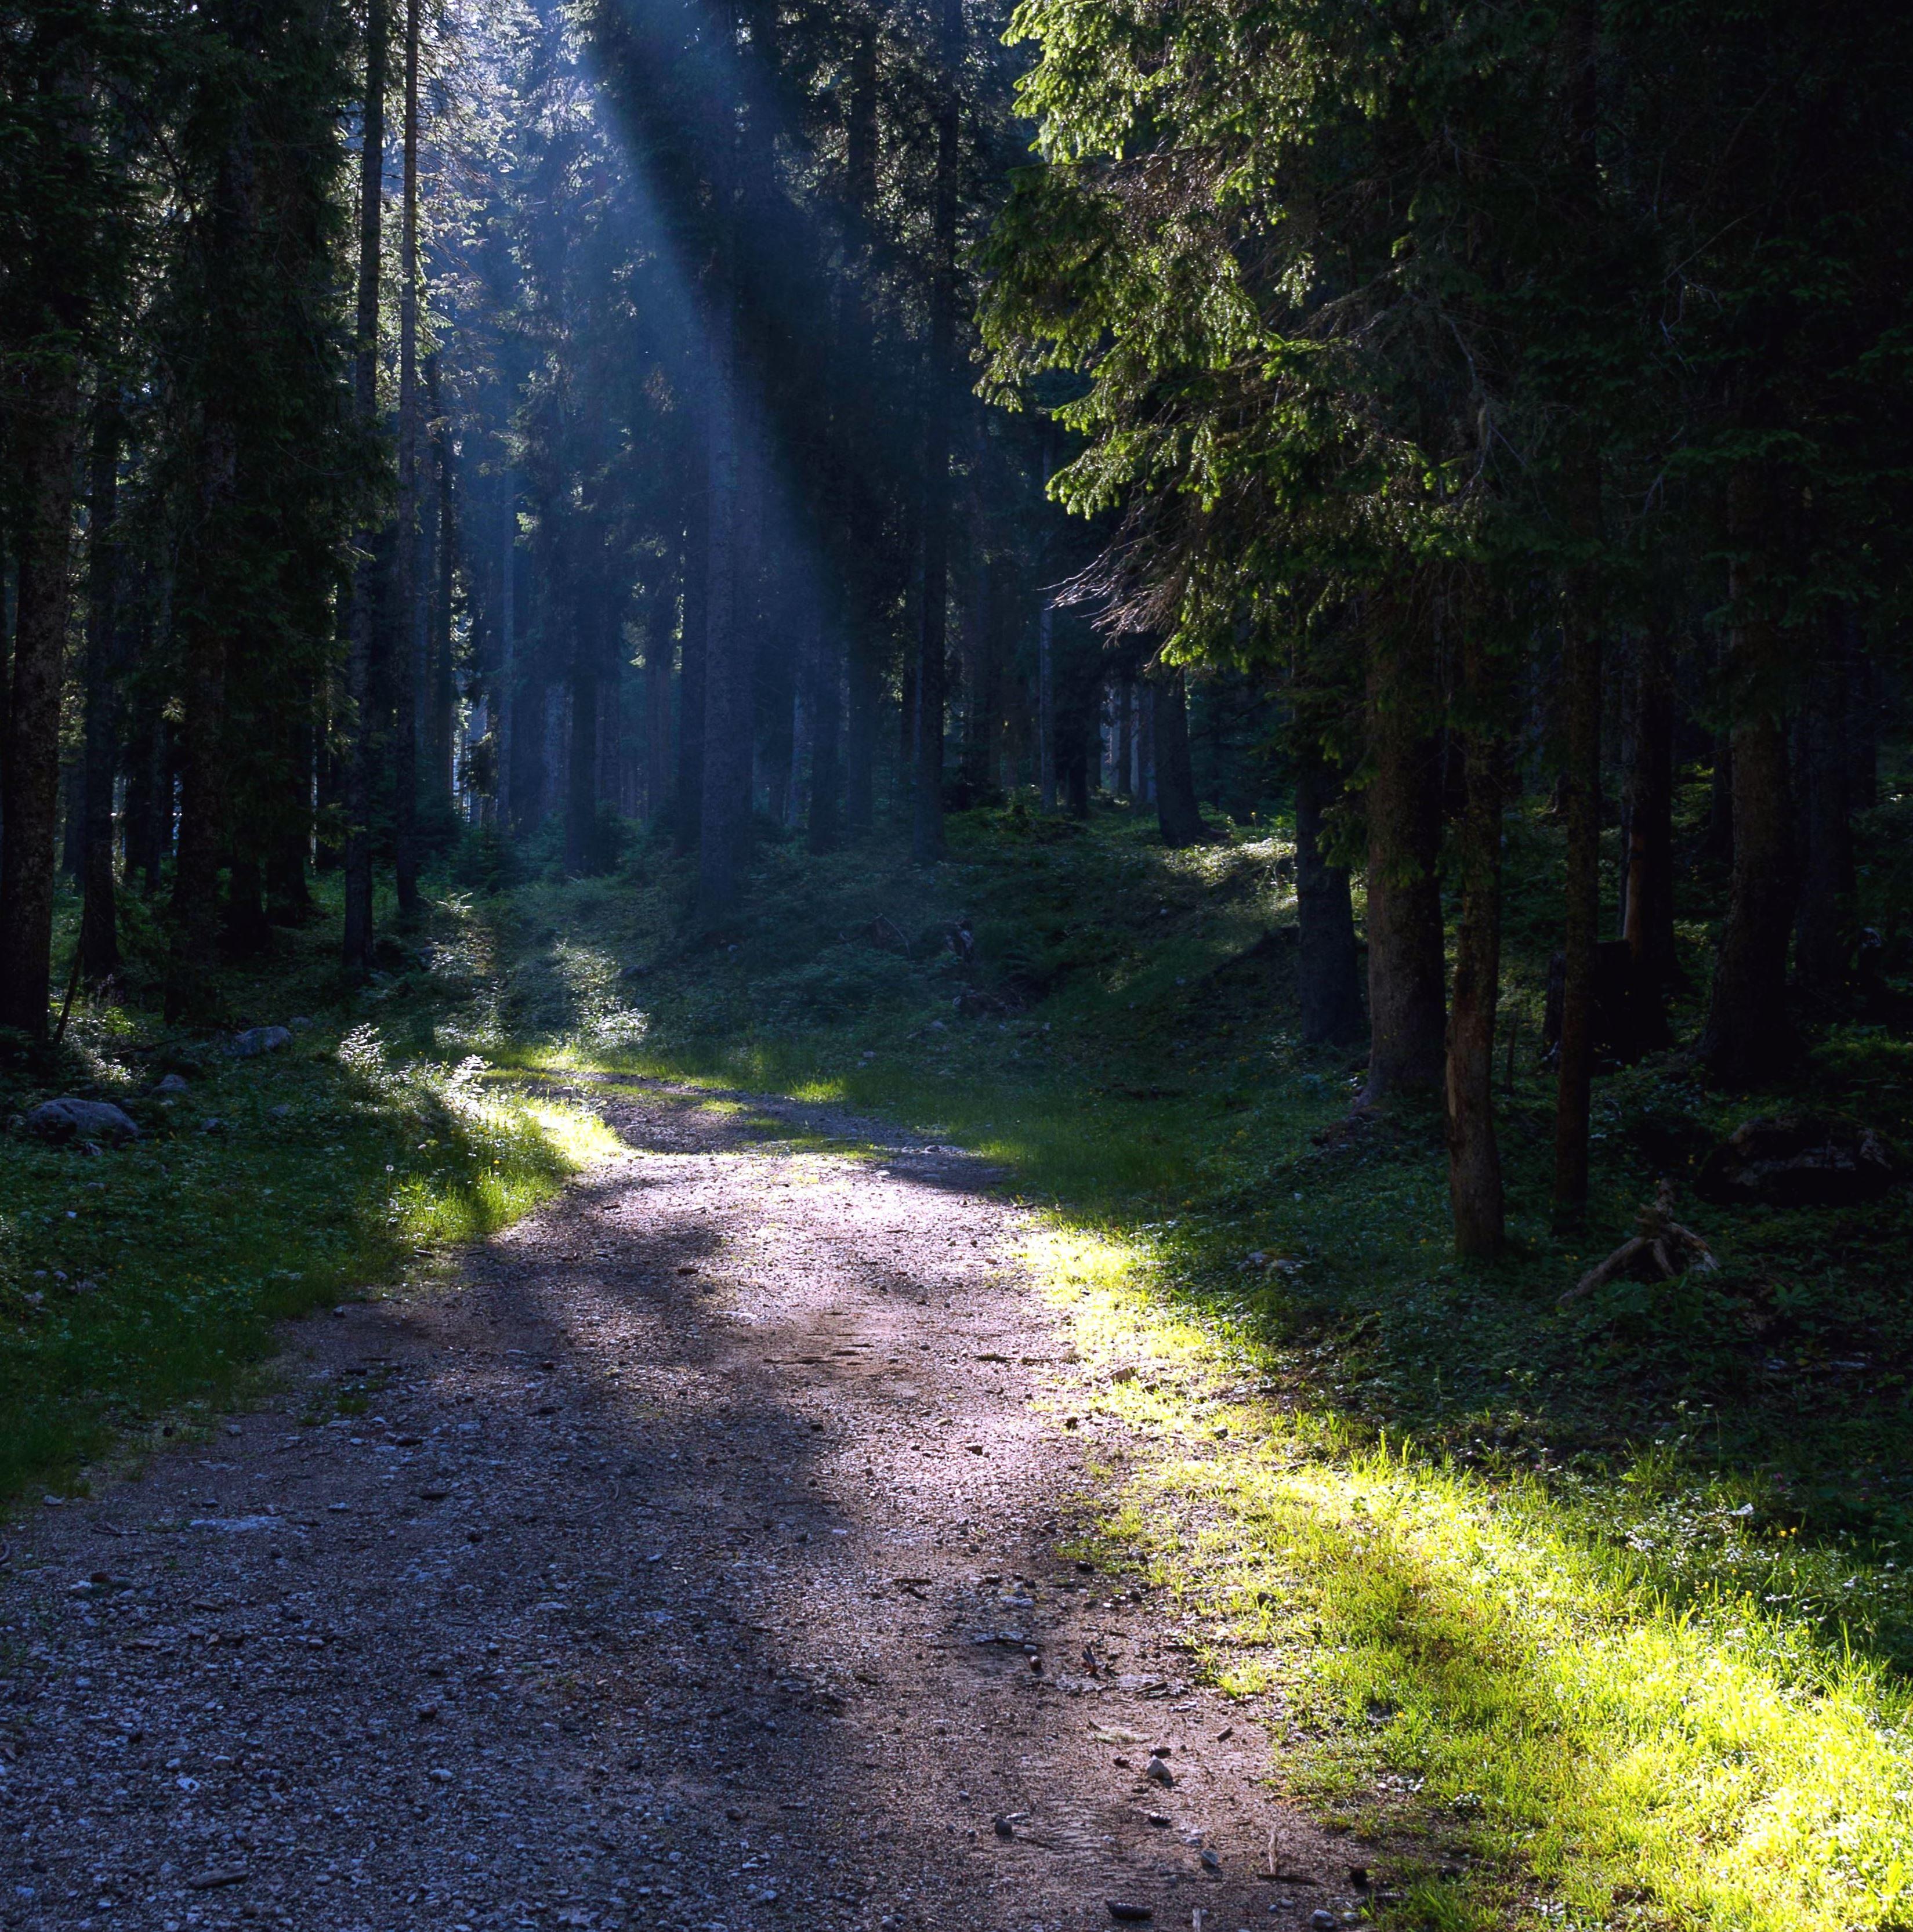 Свадьбой открытки, картинки красивые человек и тропа в лес